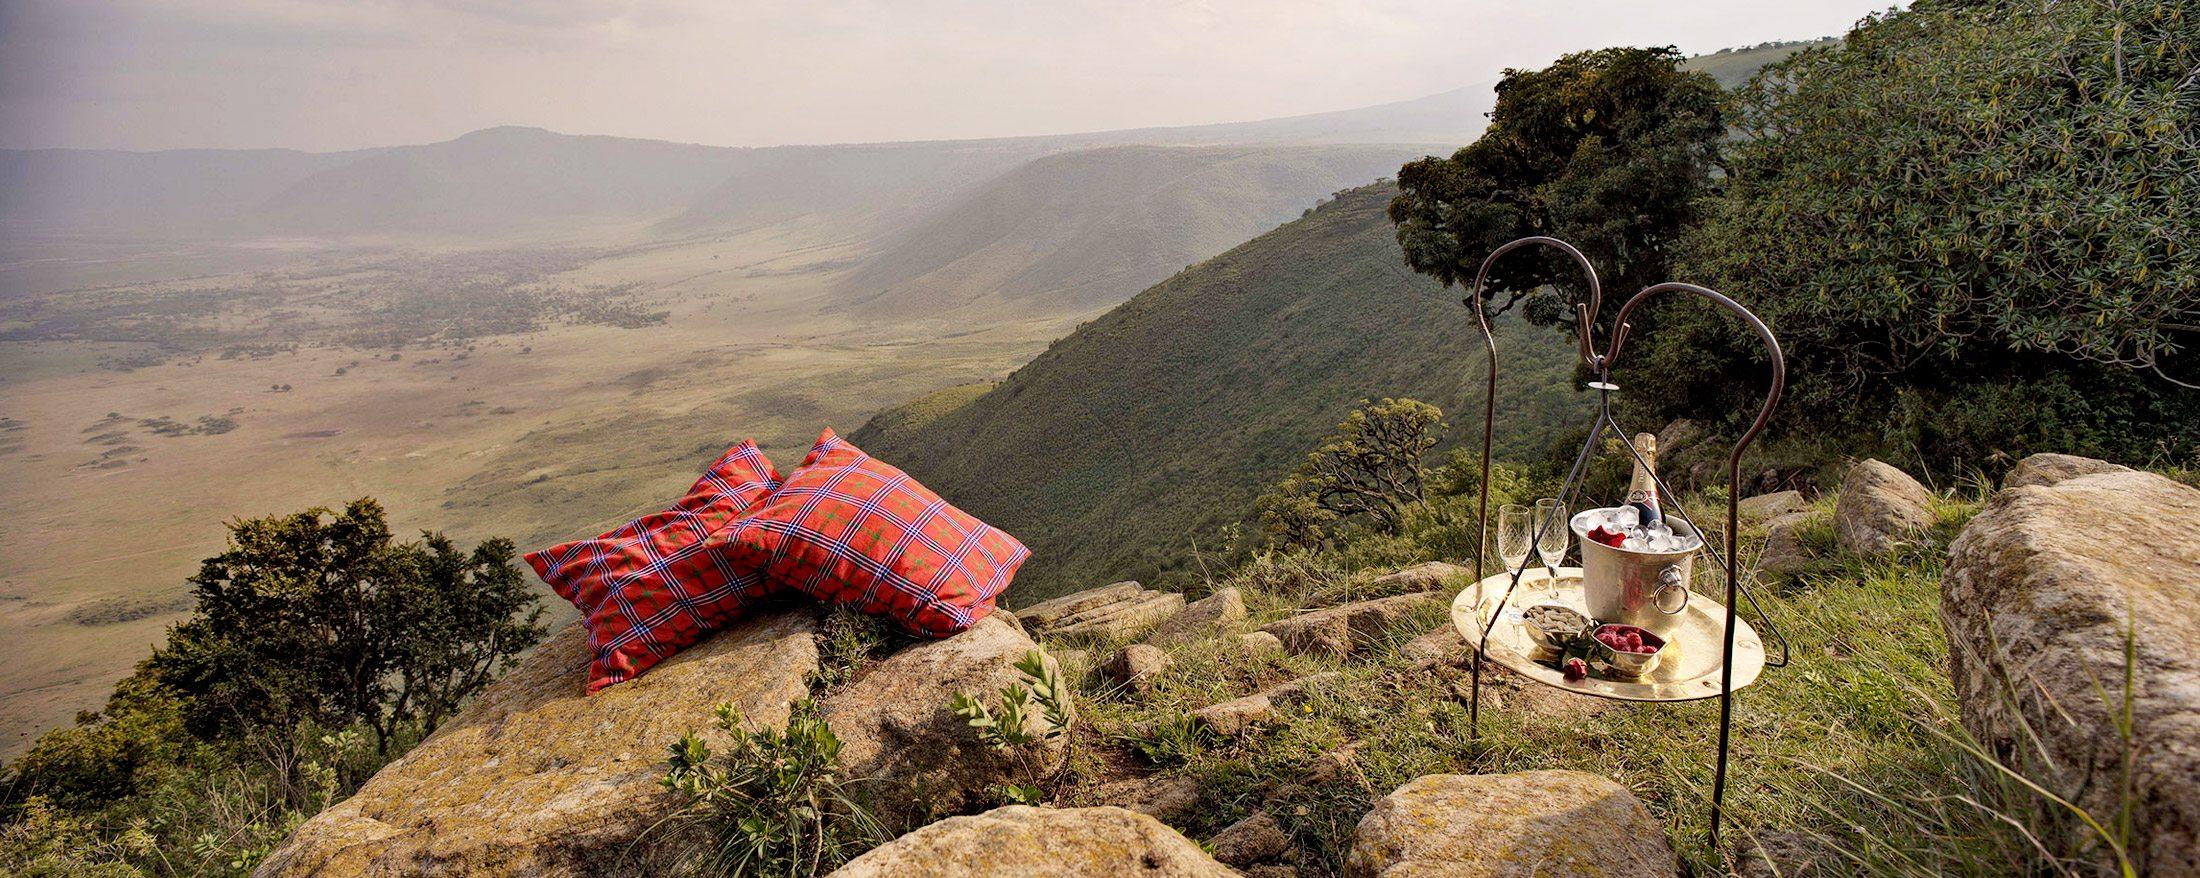 Luxury Tanzania Safari Lodge Ngorongoro Crater Lodge Art Of Safari